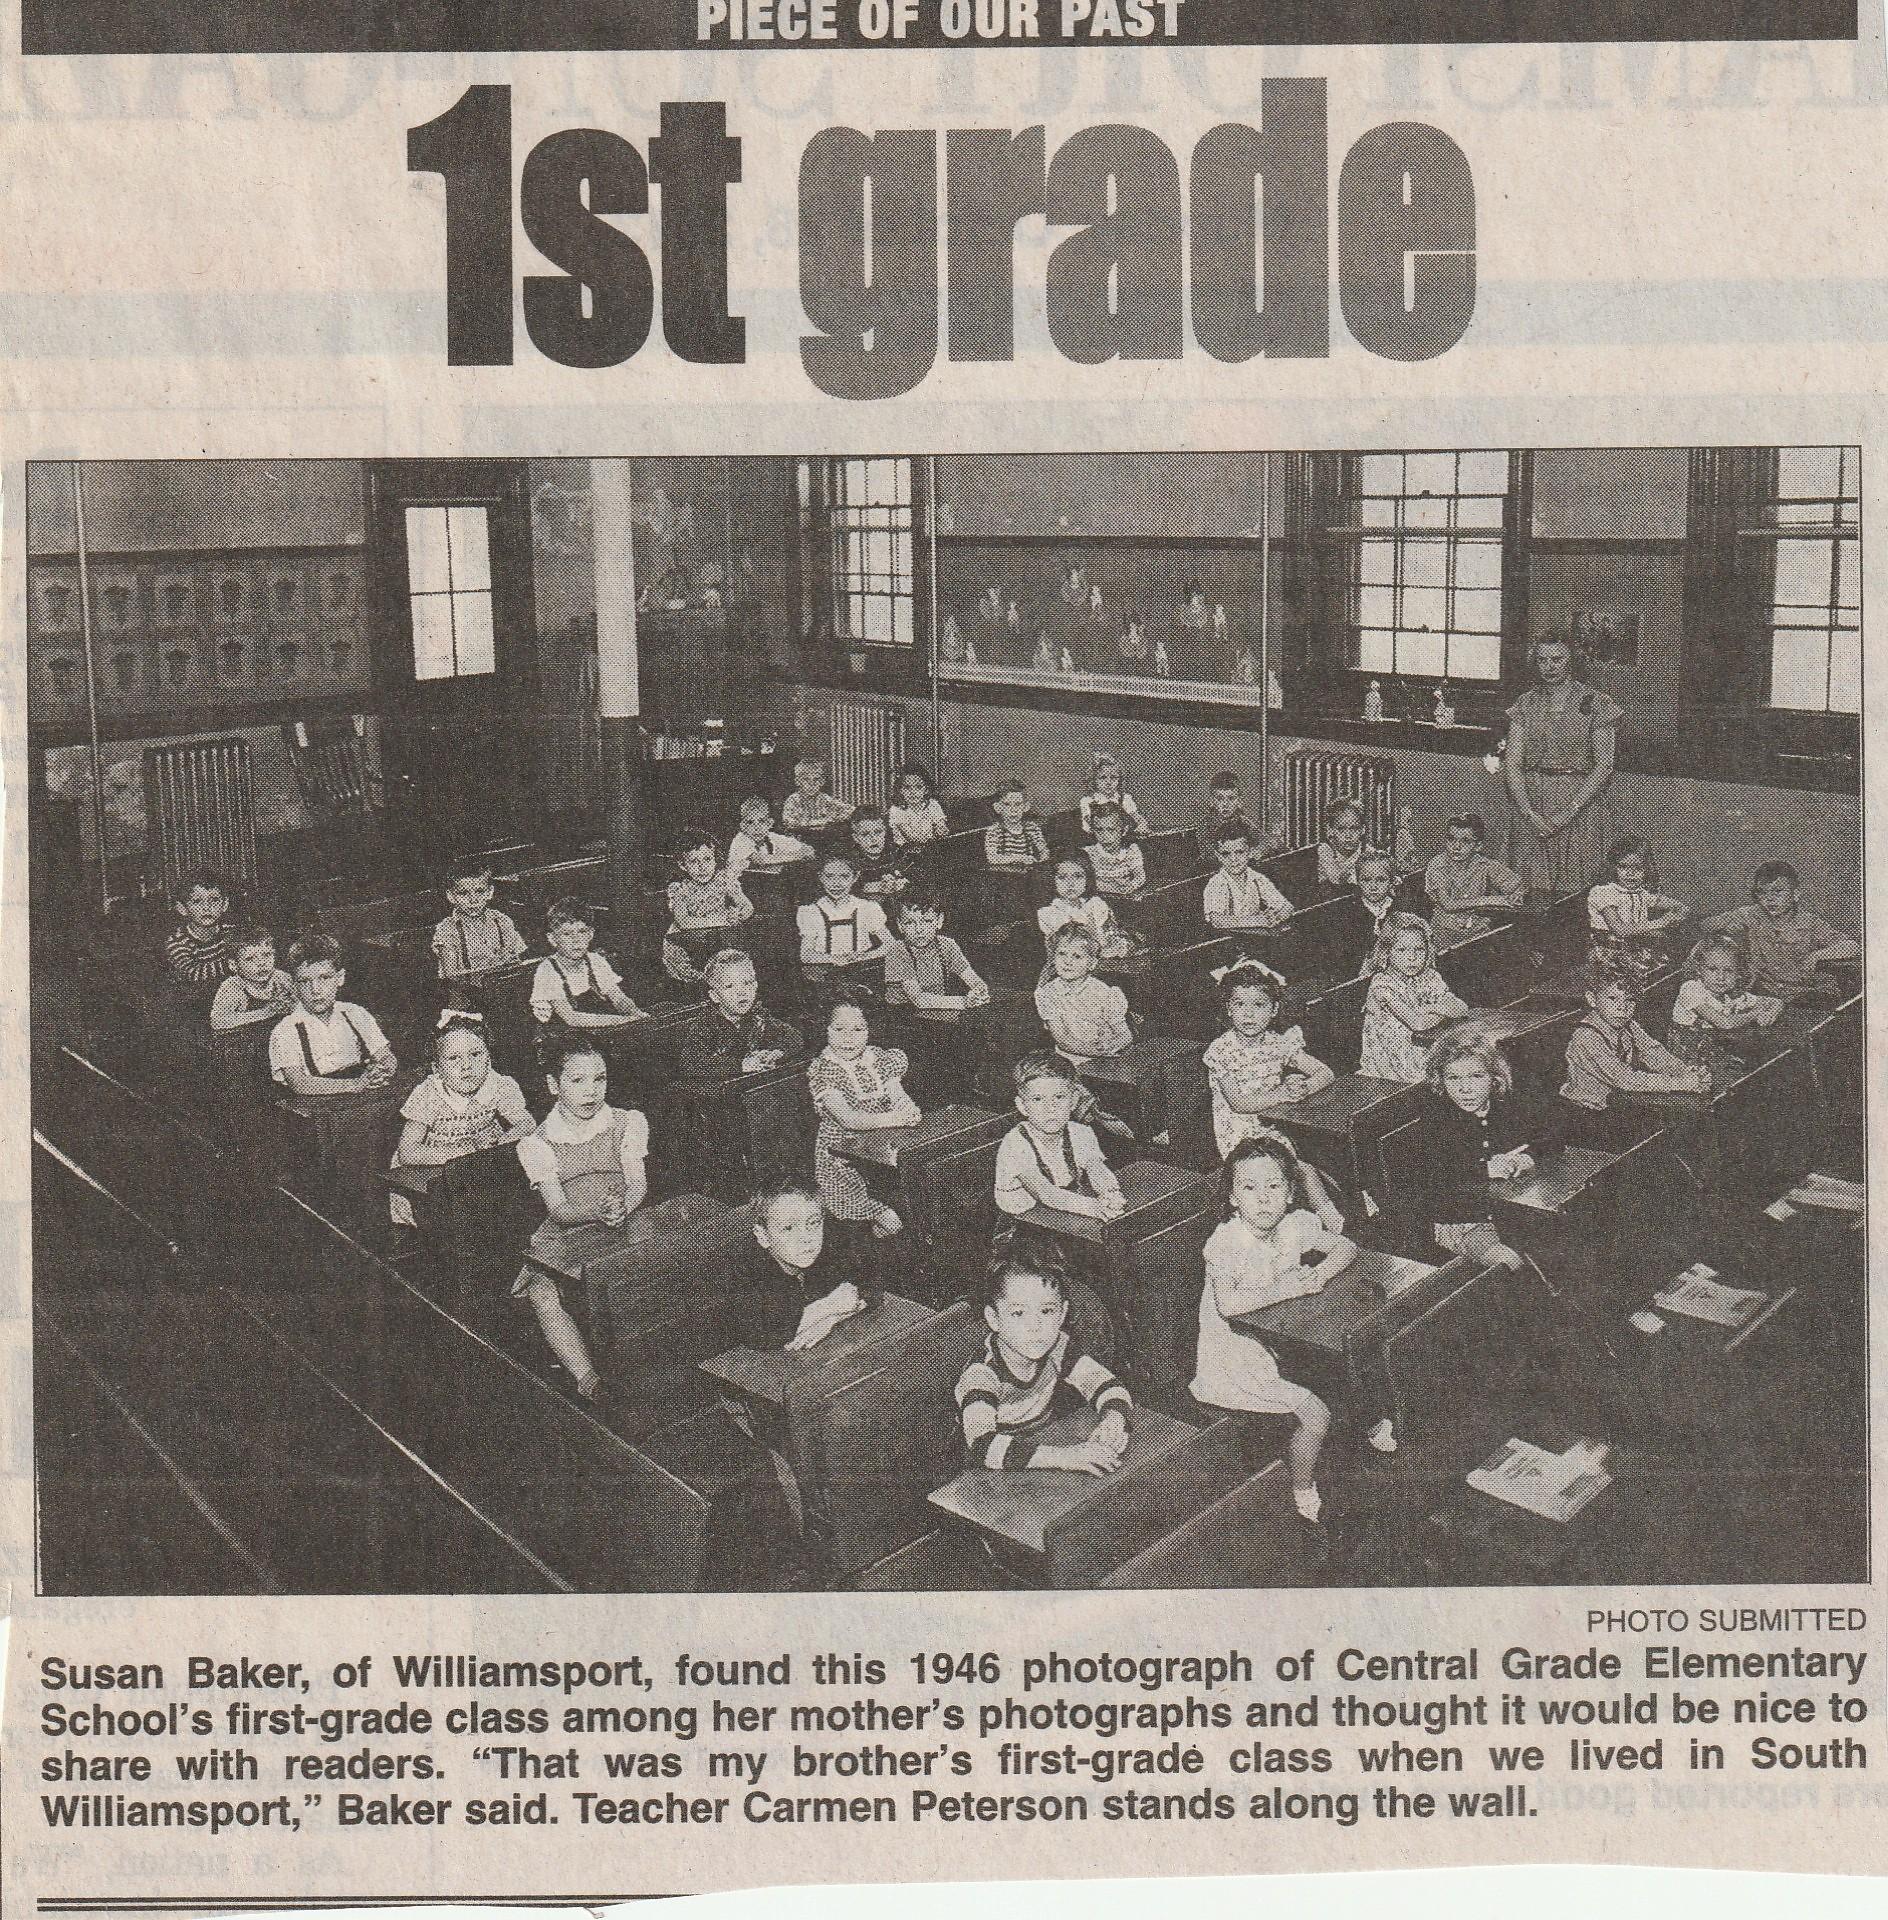 1946 Central Grade Elementary School first grade.